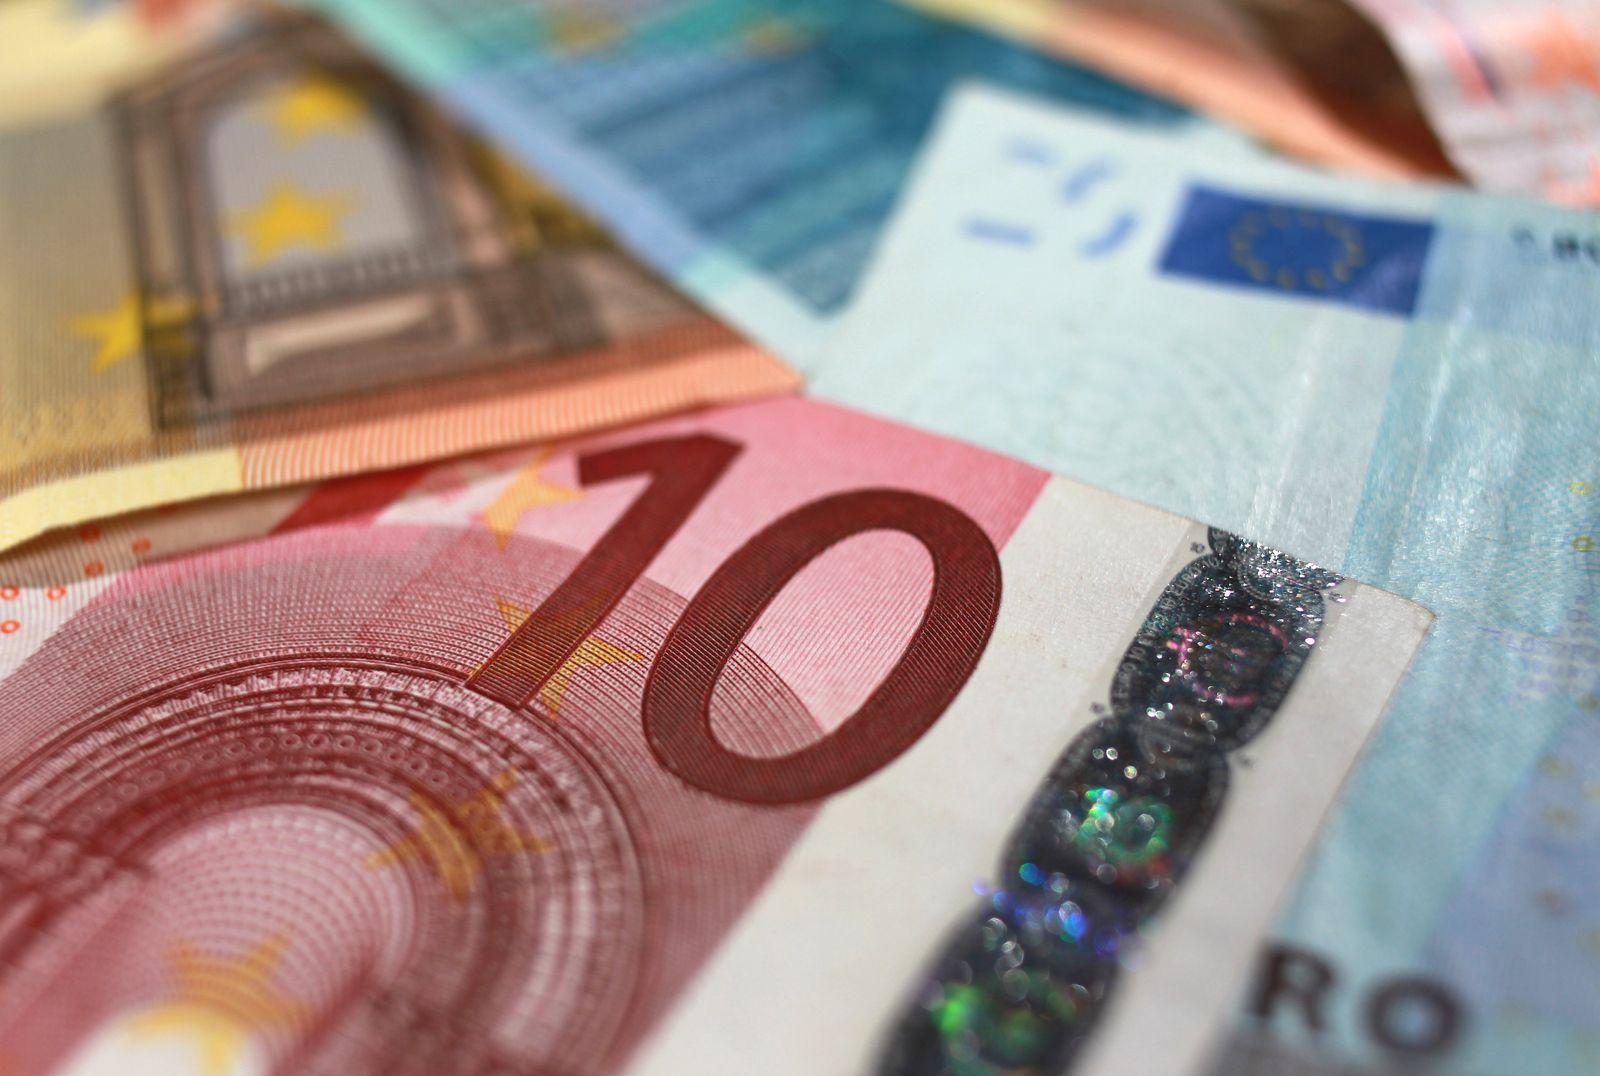 EU-Studie: Online-Kreditangebote bieten zu wenig Informationen